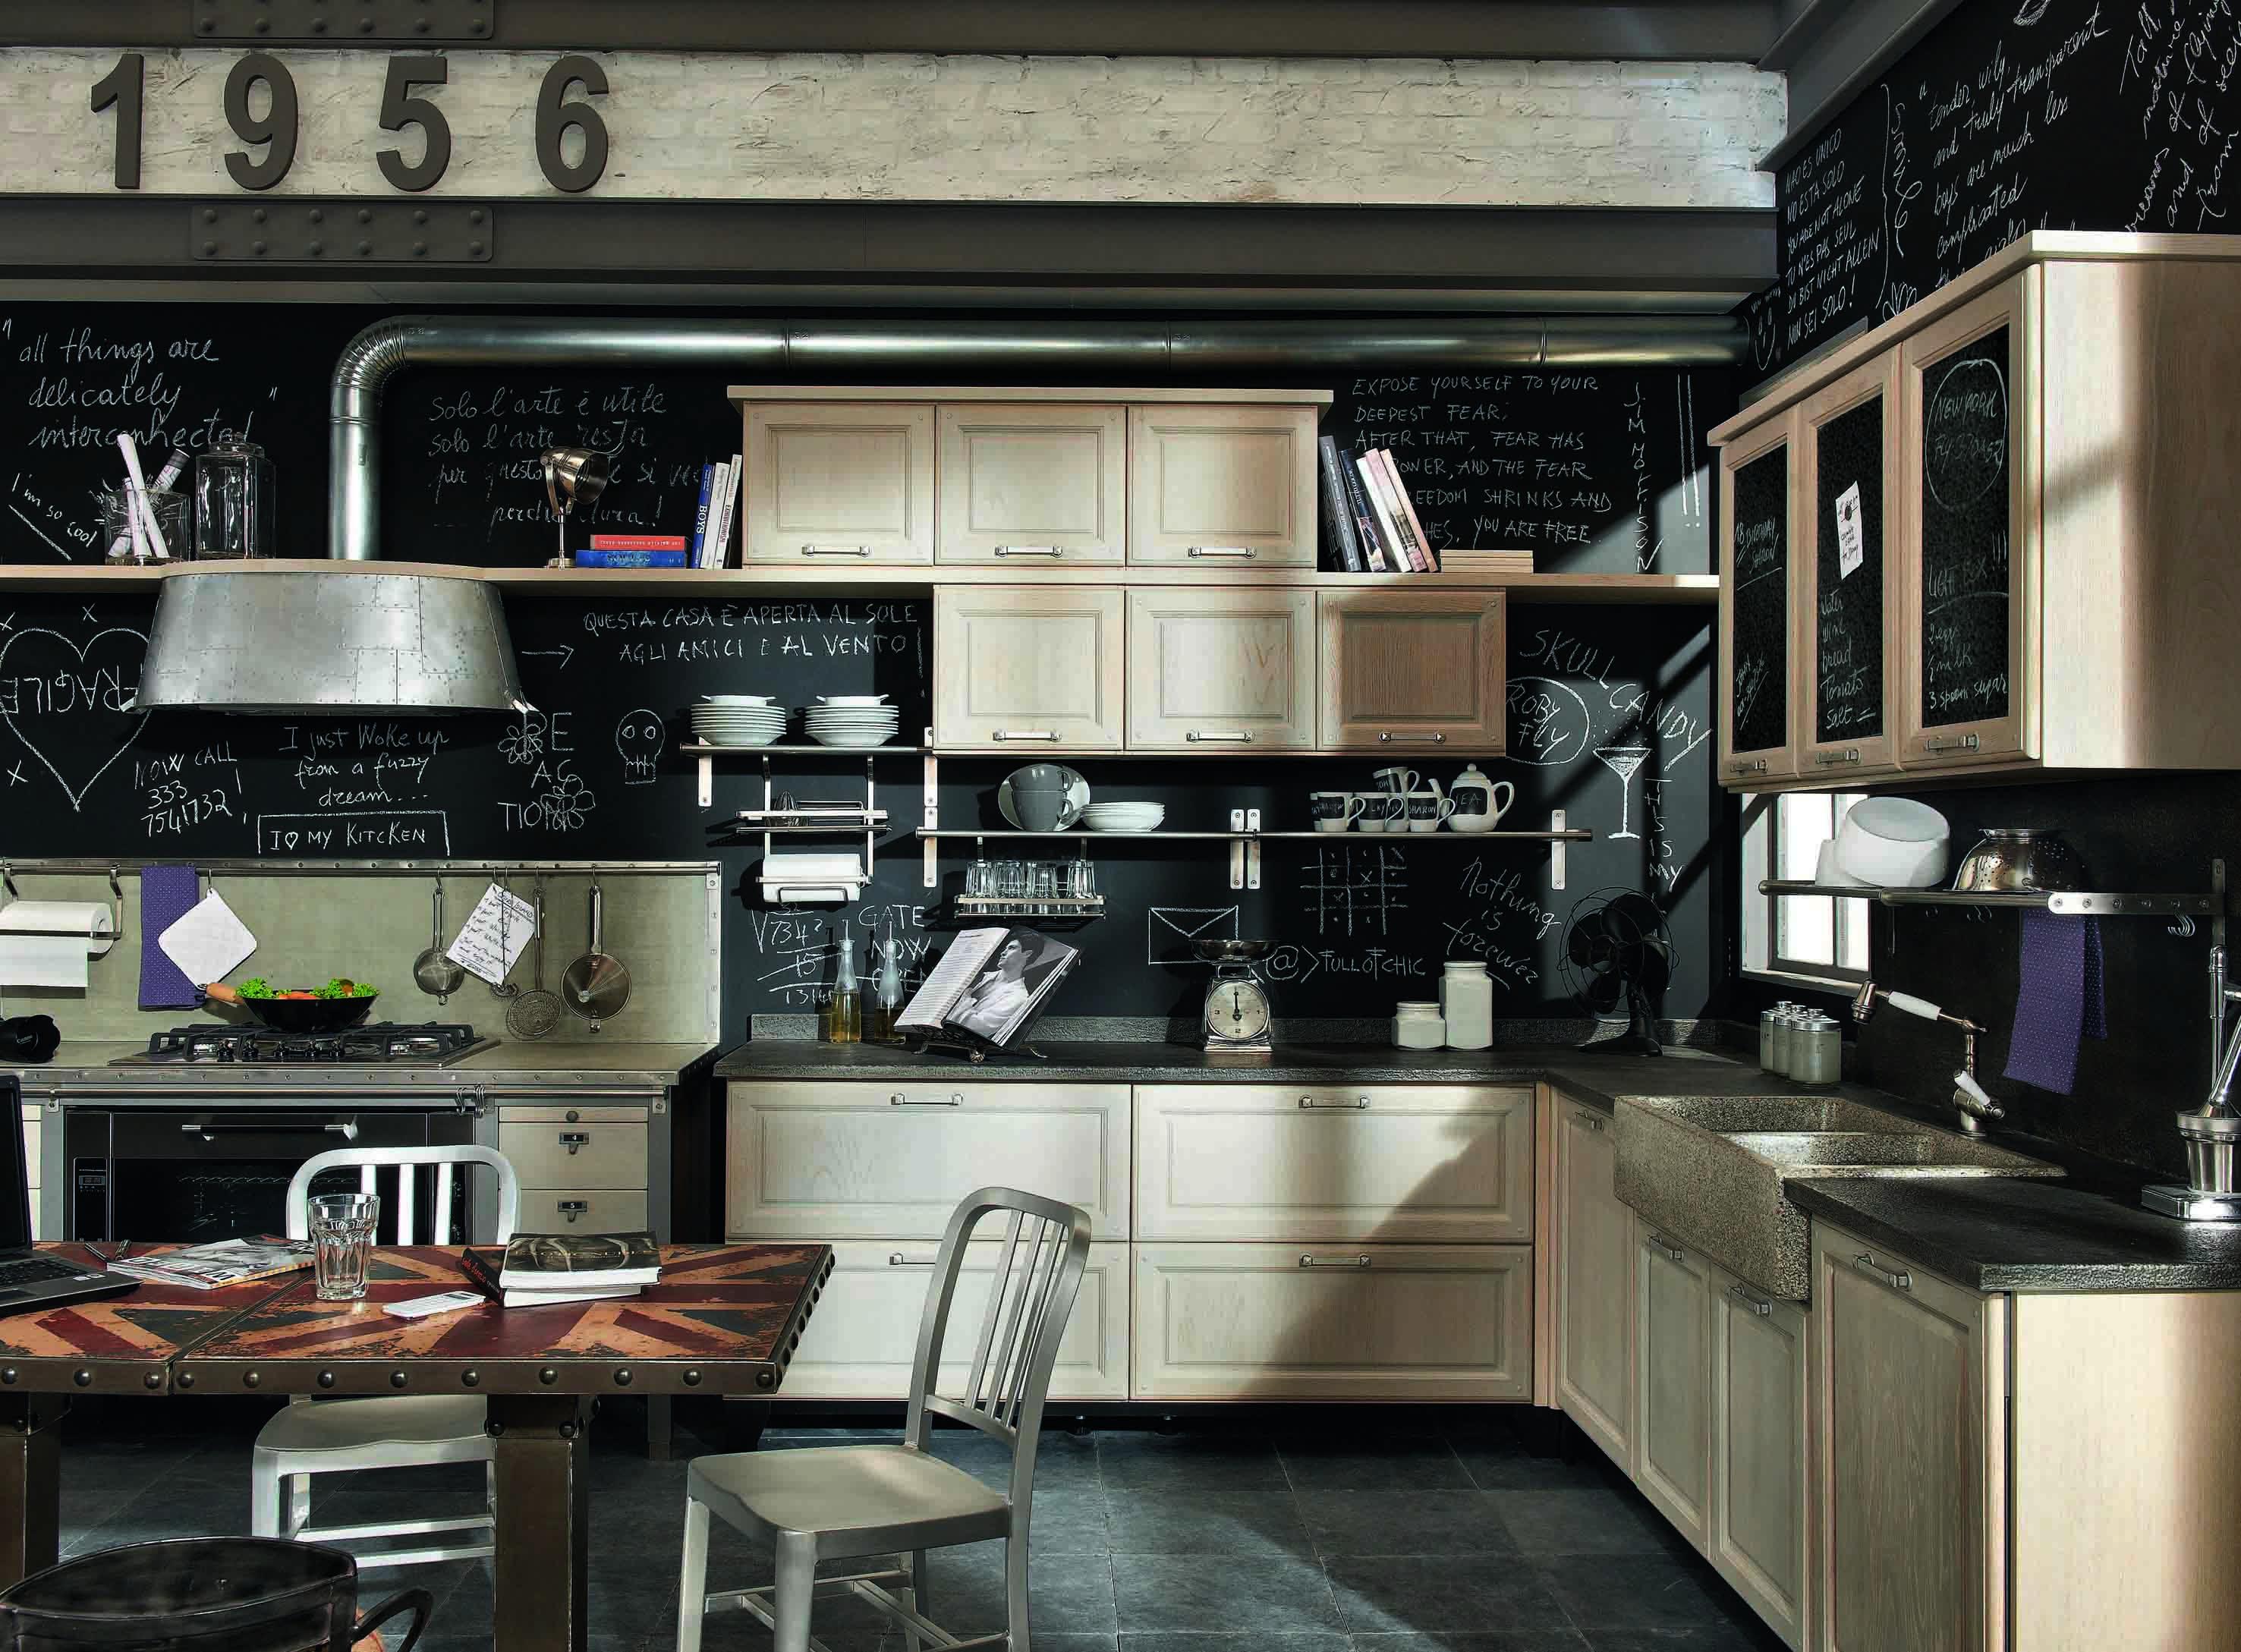 MARCHI CUCINE Veste Vintage! Arredativo Design Magazine #836A48 2953 2177 Immagini Di Cucine Americane